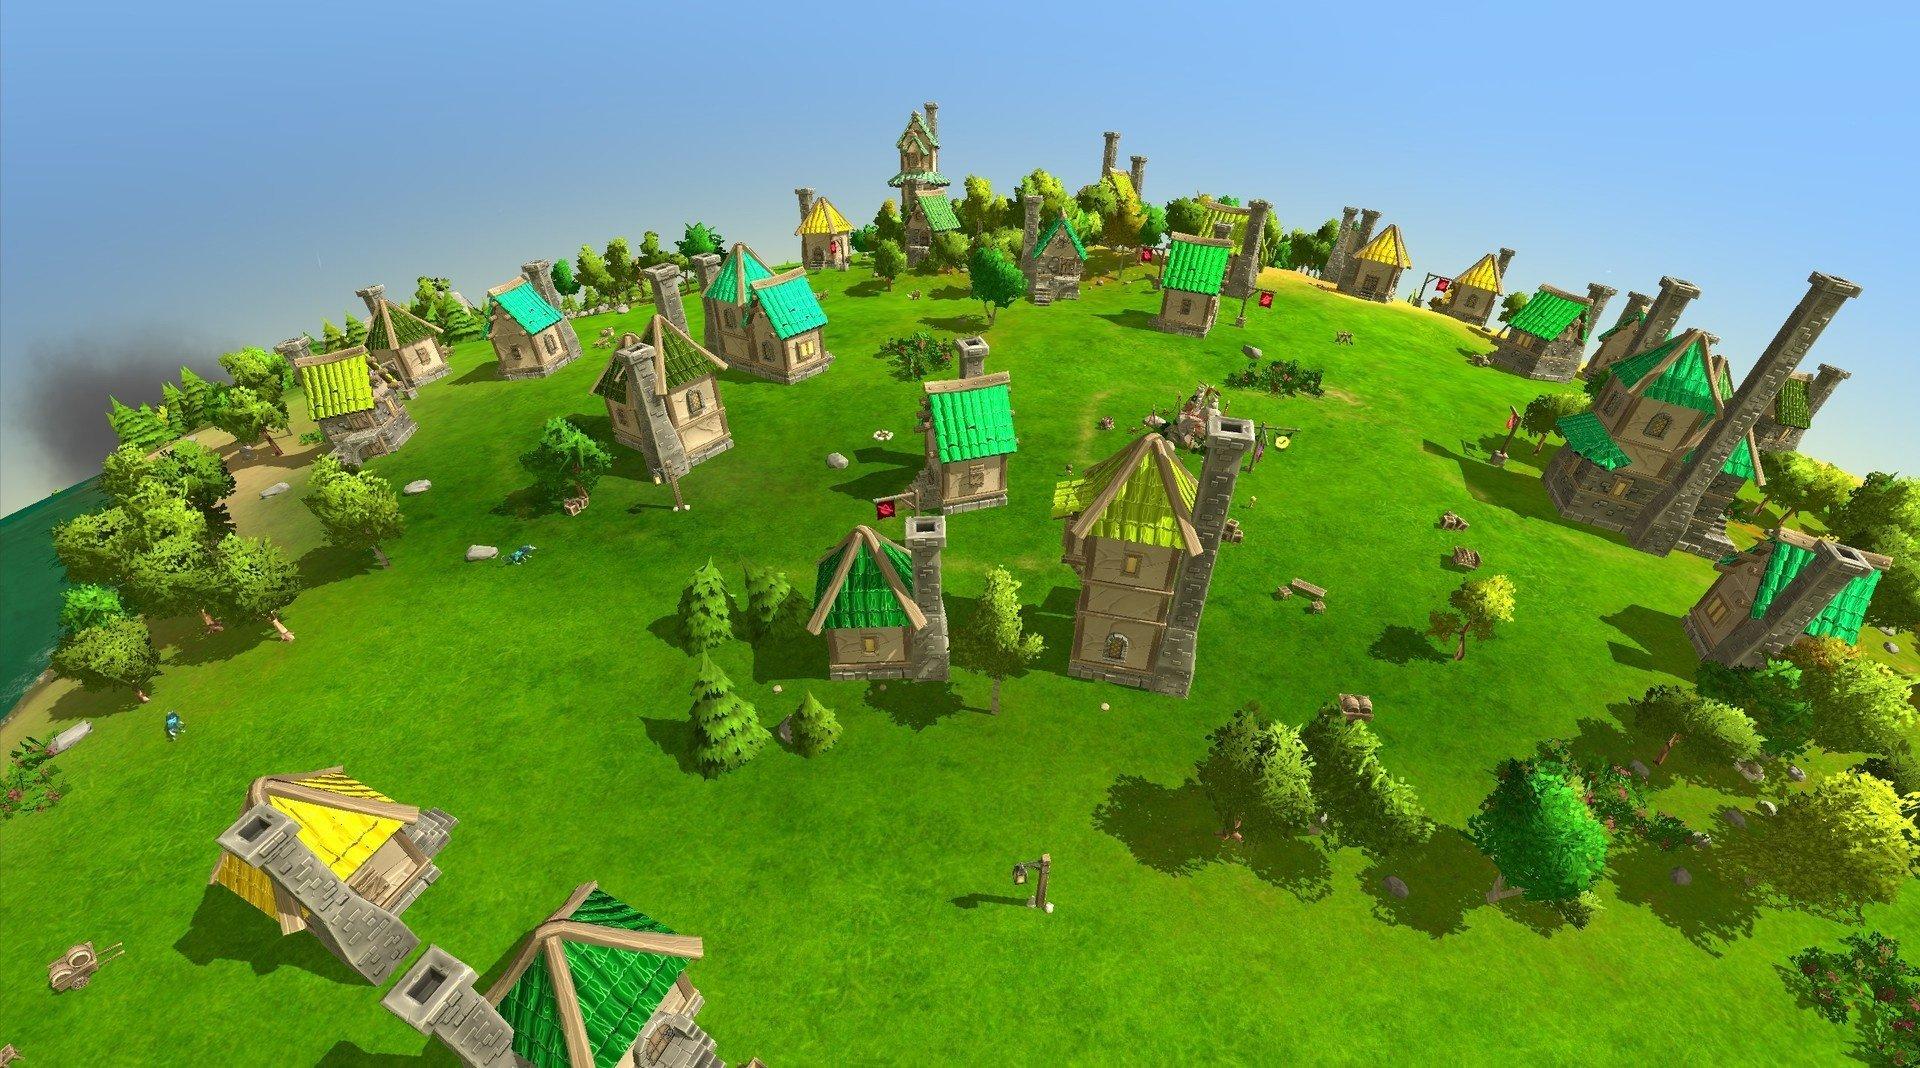 Скриншот к игре The Universim v.0.0.40.30702 [GOG] (Ранний доступ) скачать торрент Лицензия